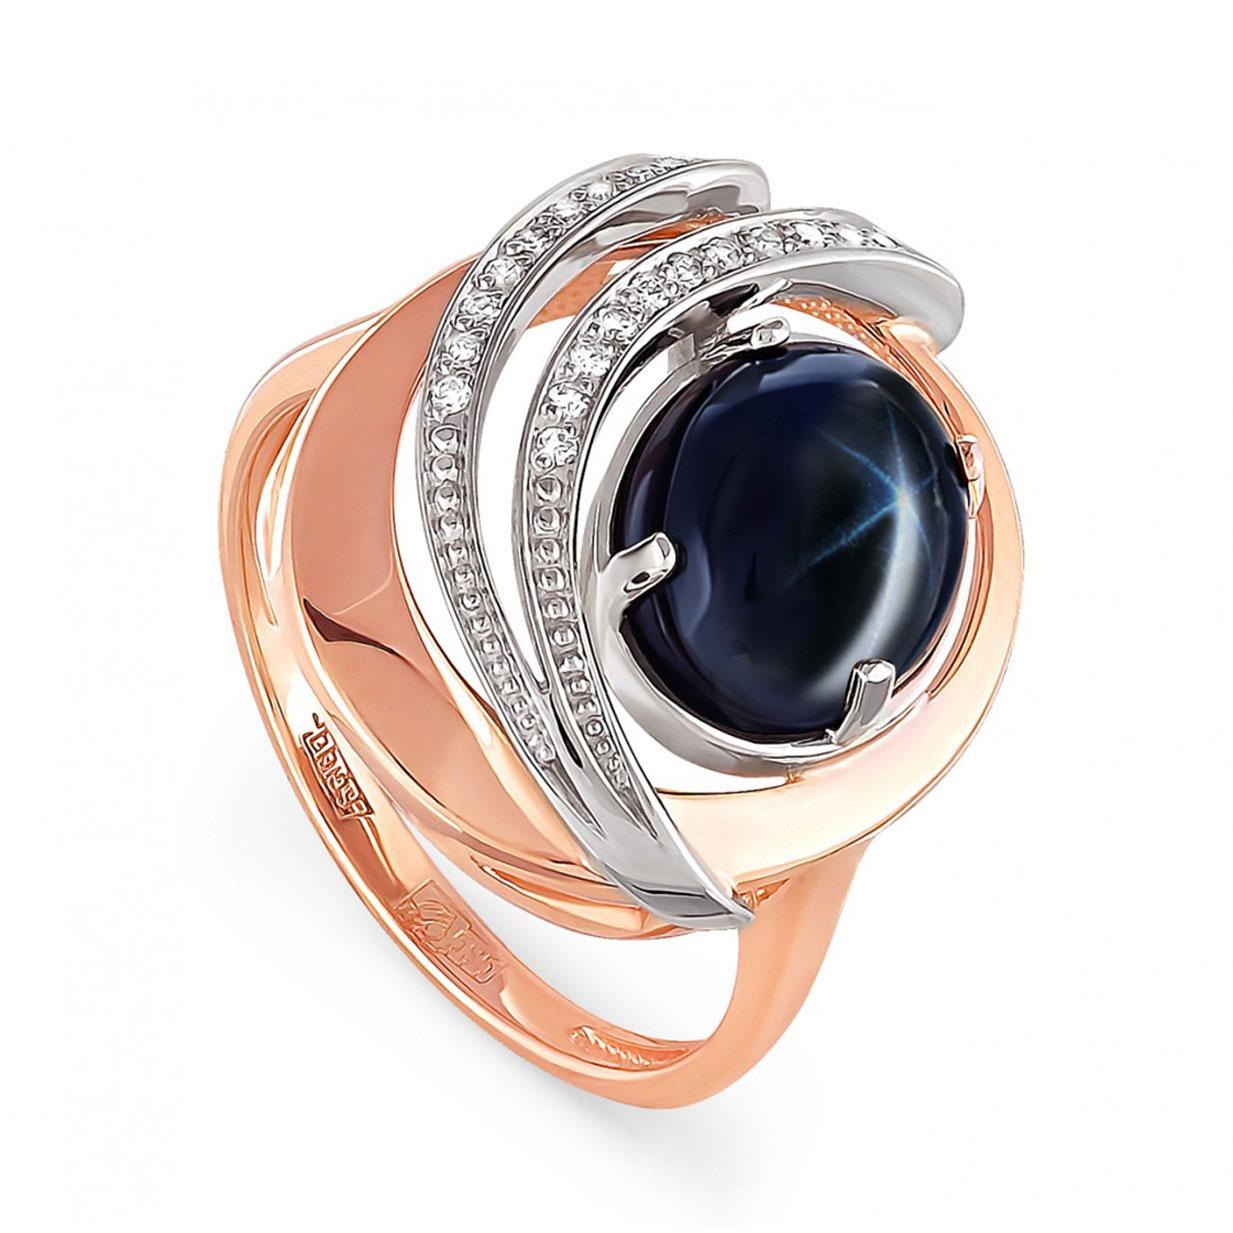 Золотое кольцо Бриллиант и Сапфир арт. 11-0749-1400 11-0749-1400